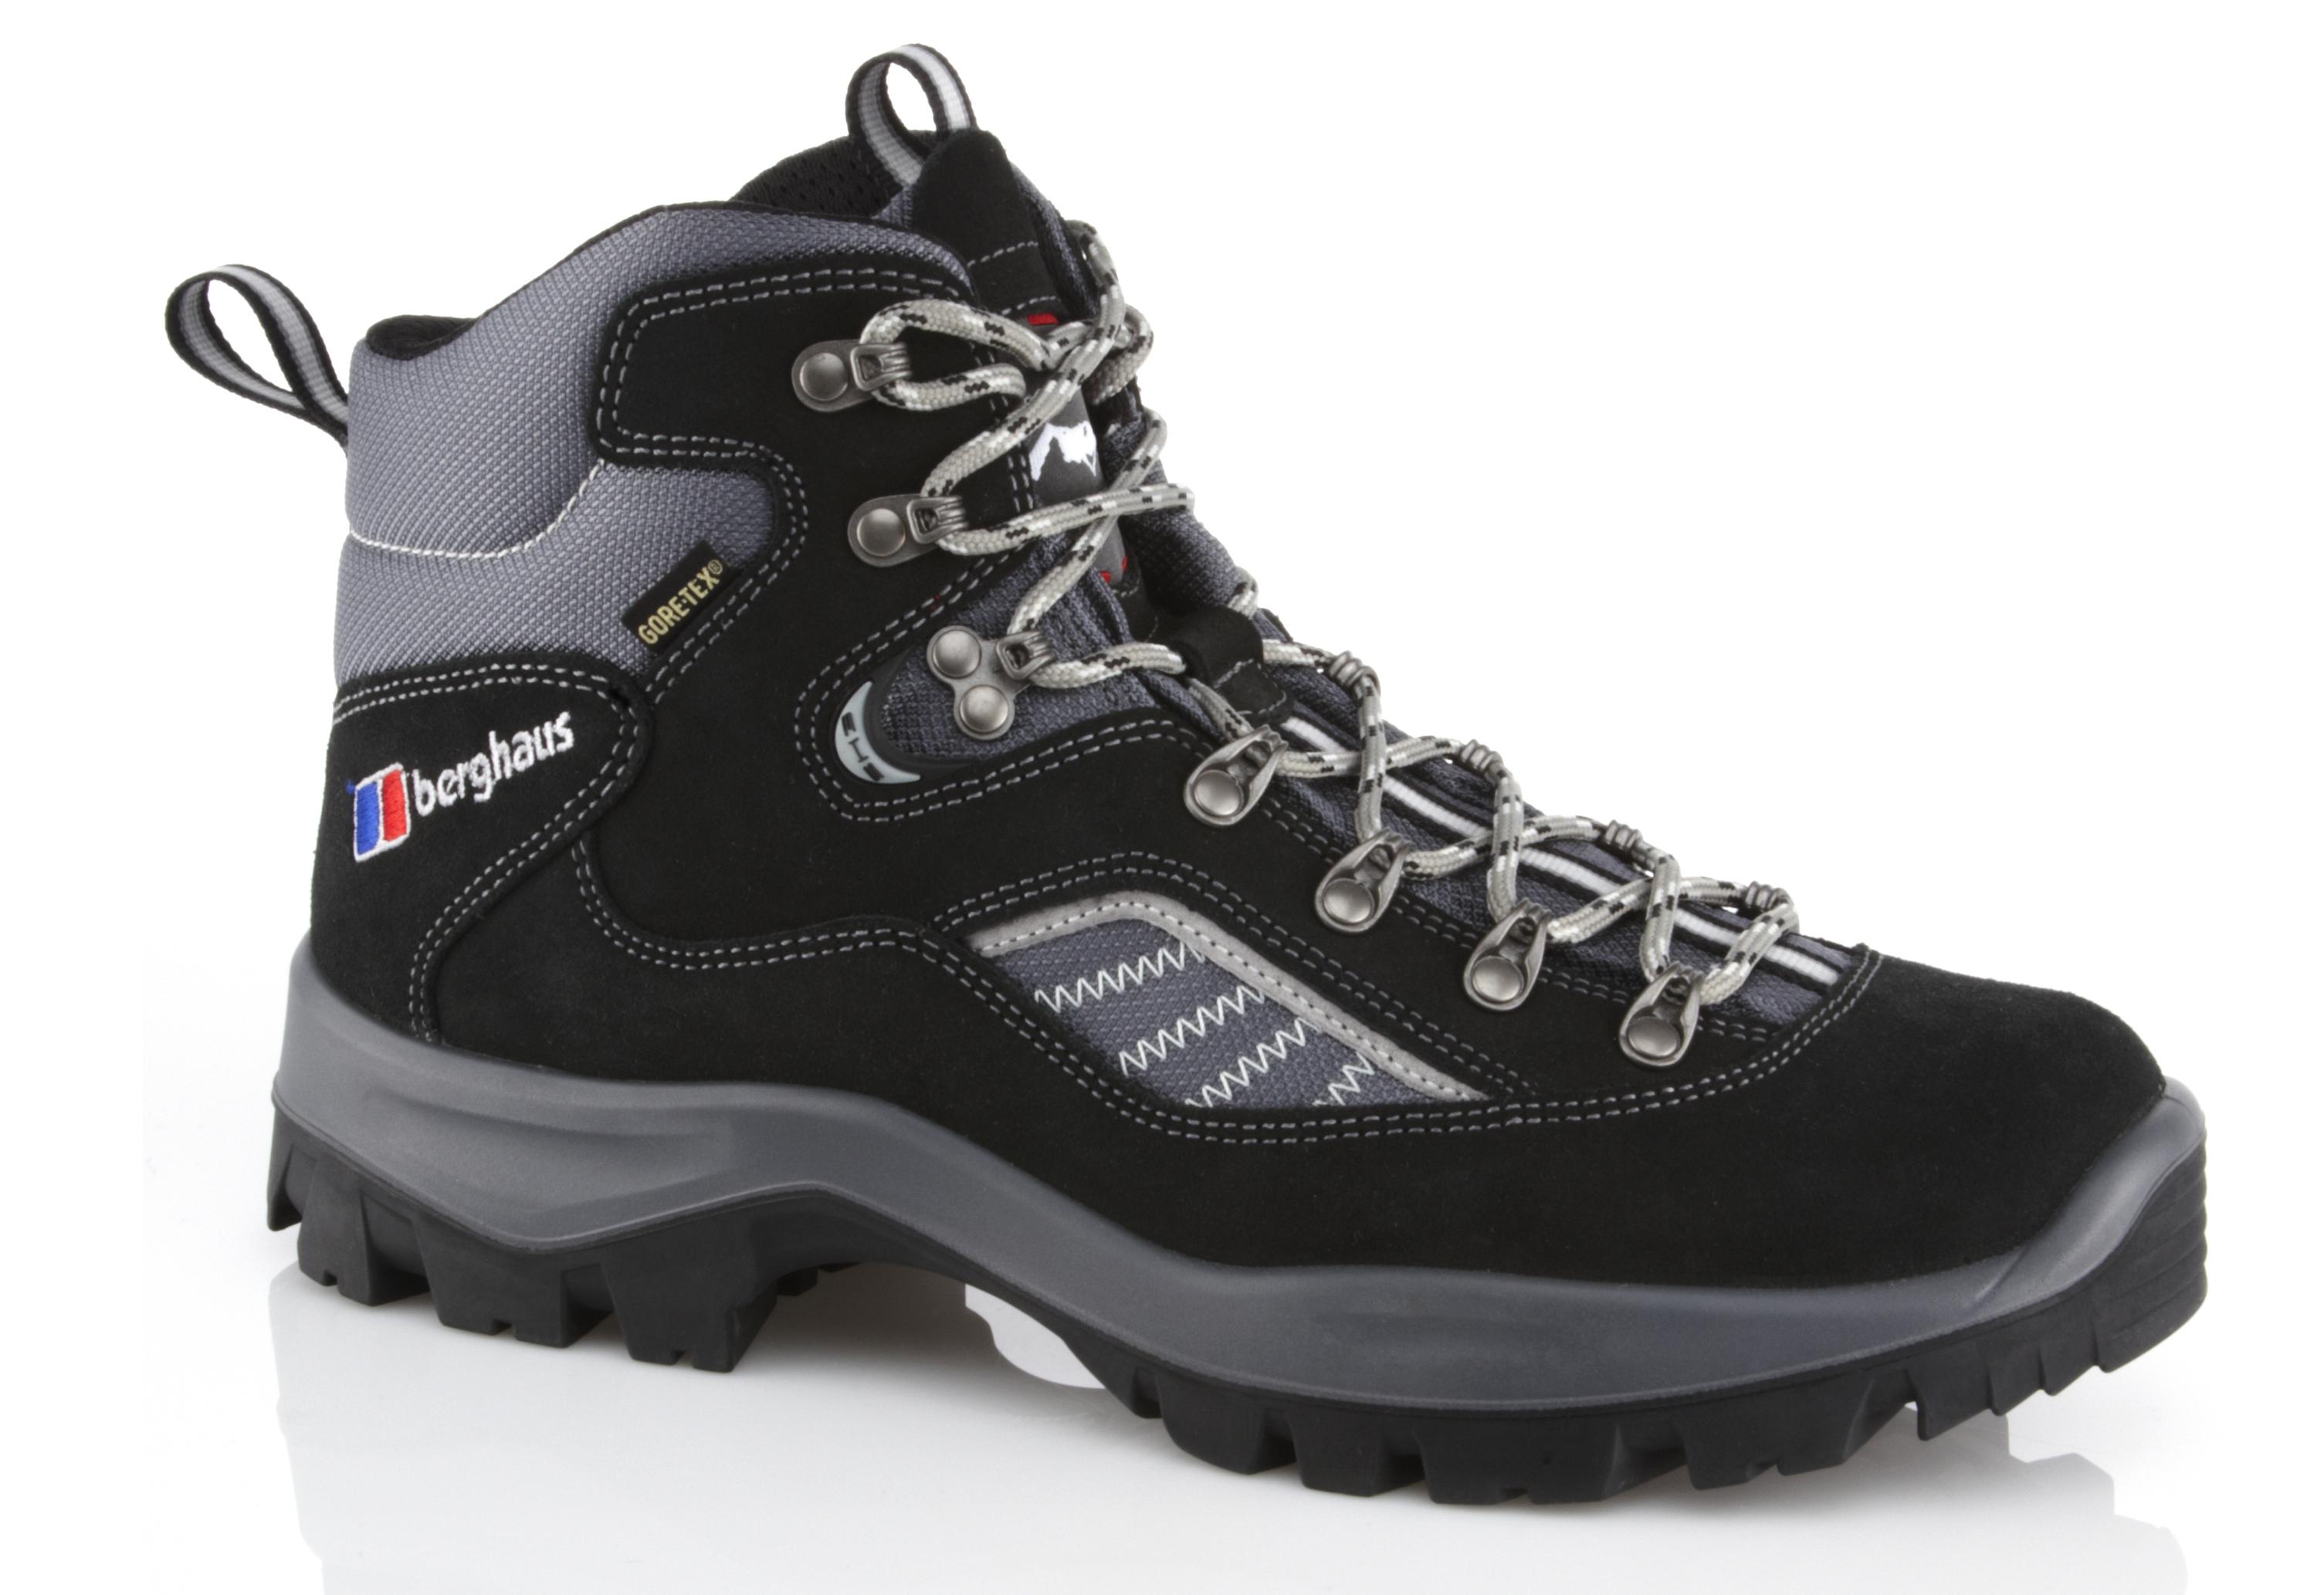 7112b58d4fc Berghaus Explorer Trek GTX Men's Walking Boots